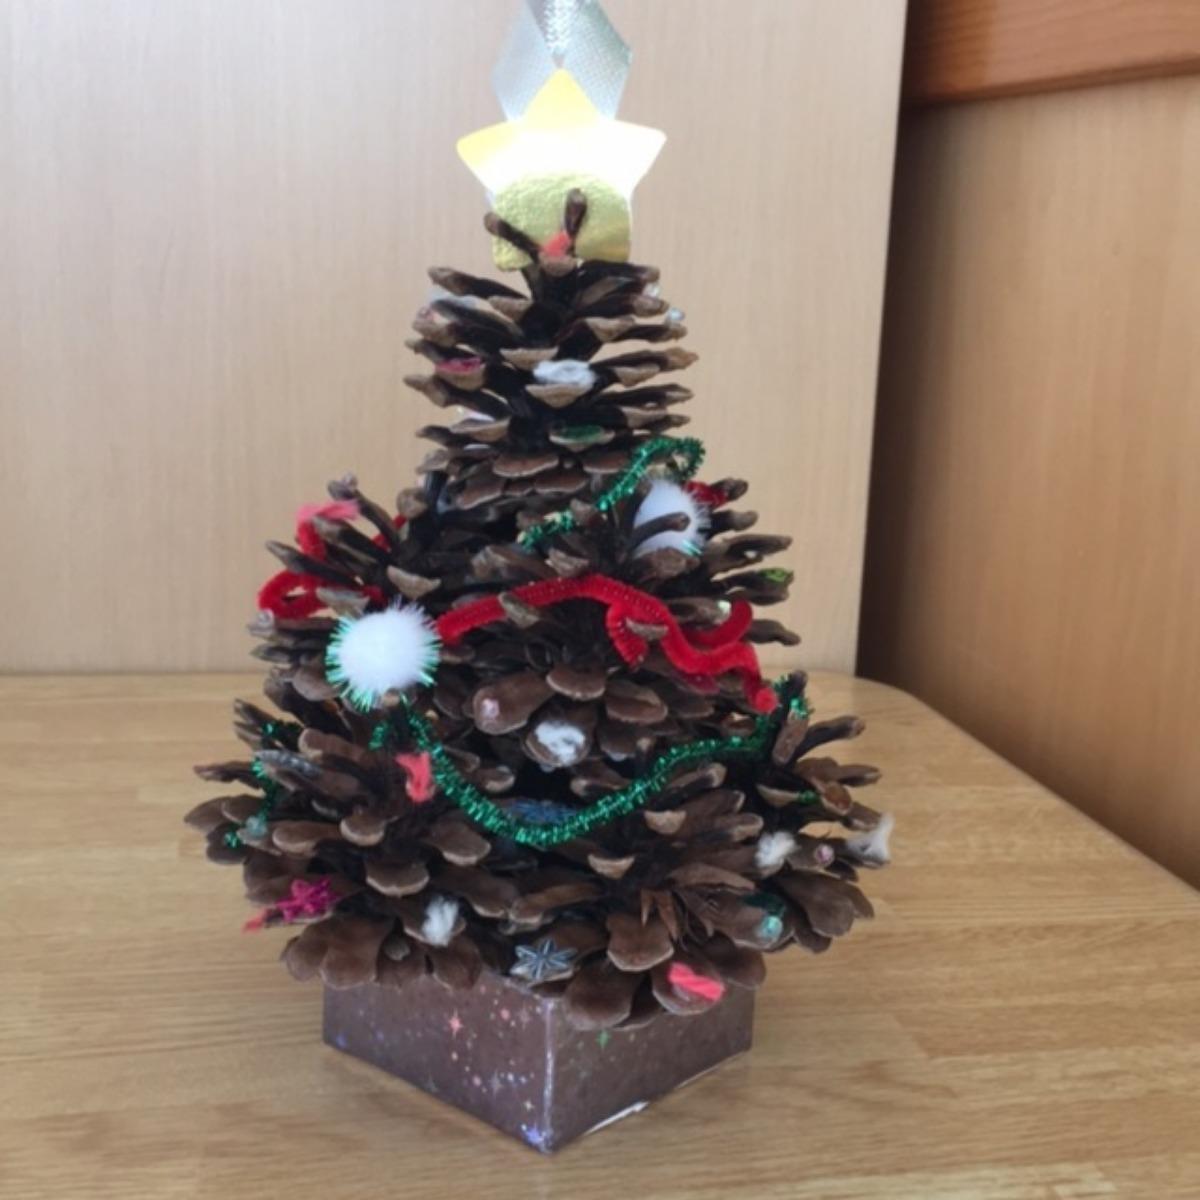 【アプリ投稿】松ぼっくりで「手作りクリスマスツリー」(^^)